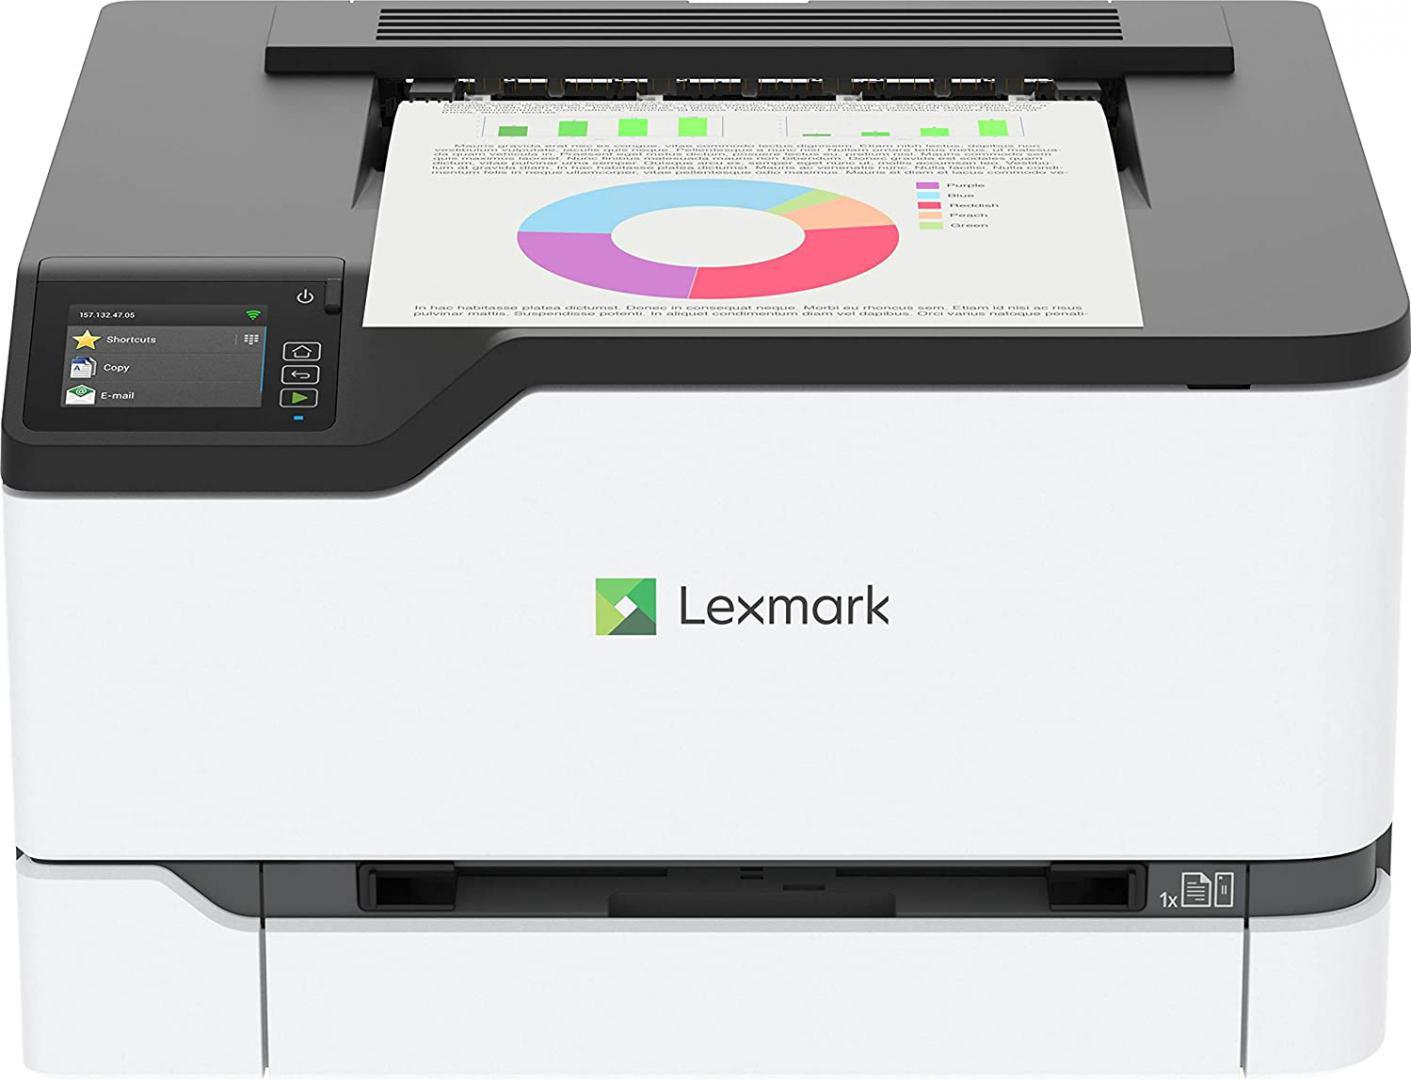 Imprimanta laser color Lexmark C3426dw, Dimensiune: A4 ,Viteza mono/color:26 ppm/ 26 ppm , Rezolutie:600x600 dpi Procesor:1 GHz , Memorie standard/maxim: 512 MB/ 512 MB , Limbaje de printare: PCL 5, PCLm, PCL 6 Emulation, Emulare PostScript 3, Alimentare cu hartie standard/maxim: 250 coli/ 250 coli - imaginea 1